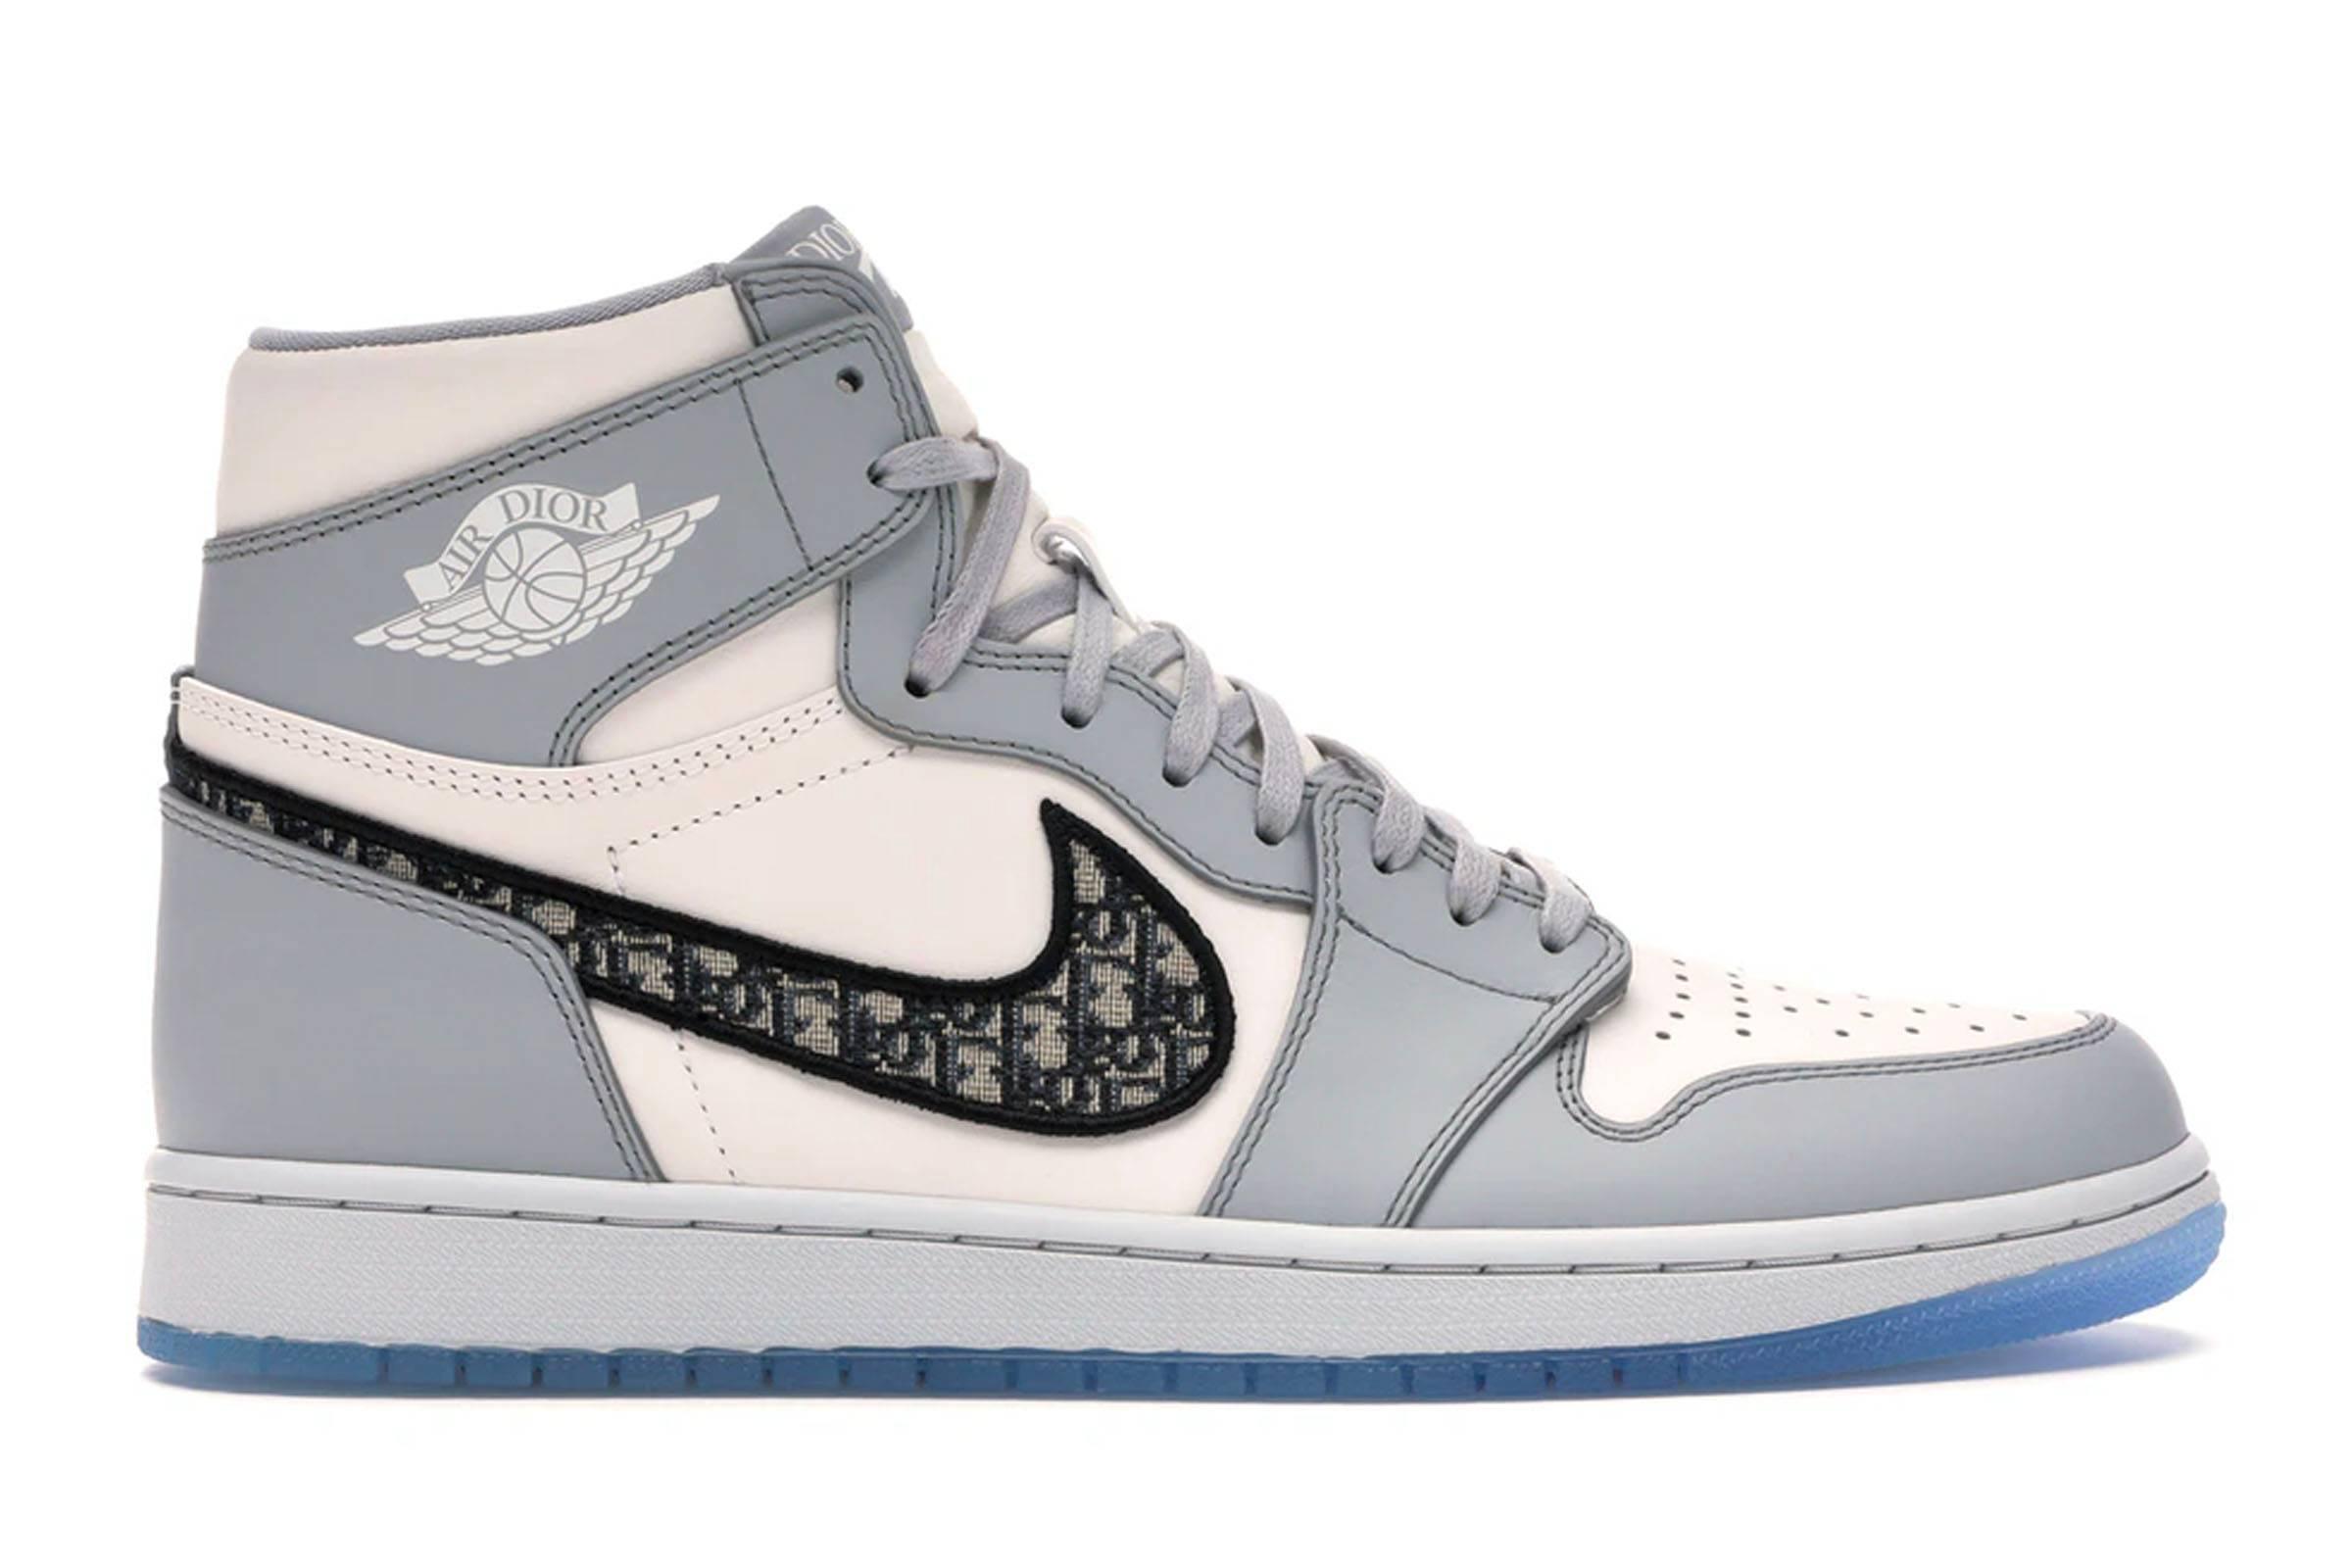 Dior x Air Jordan I